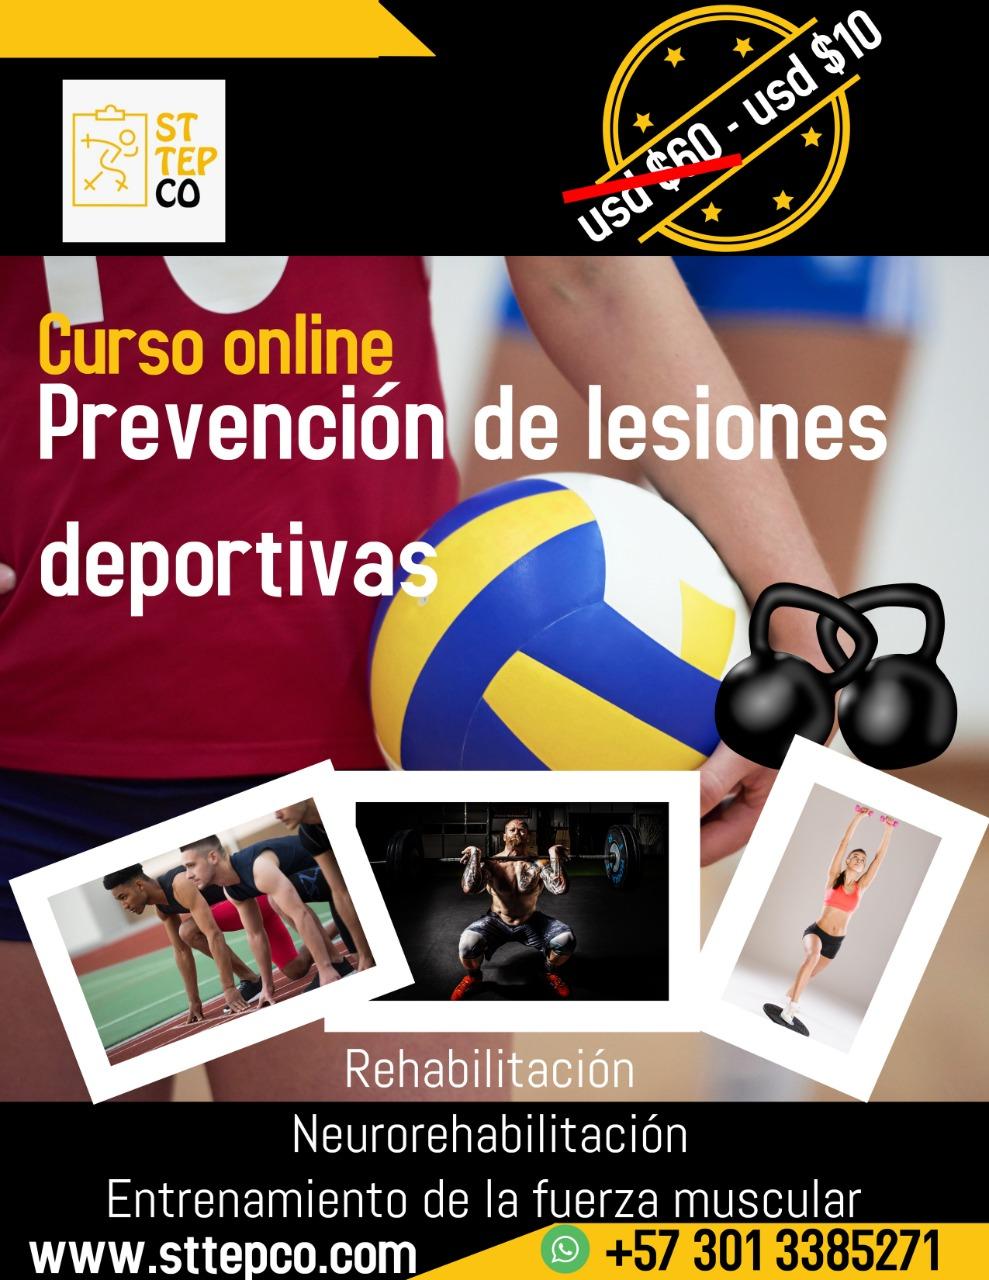 curso-prevención-lesiones-deportivas